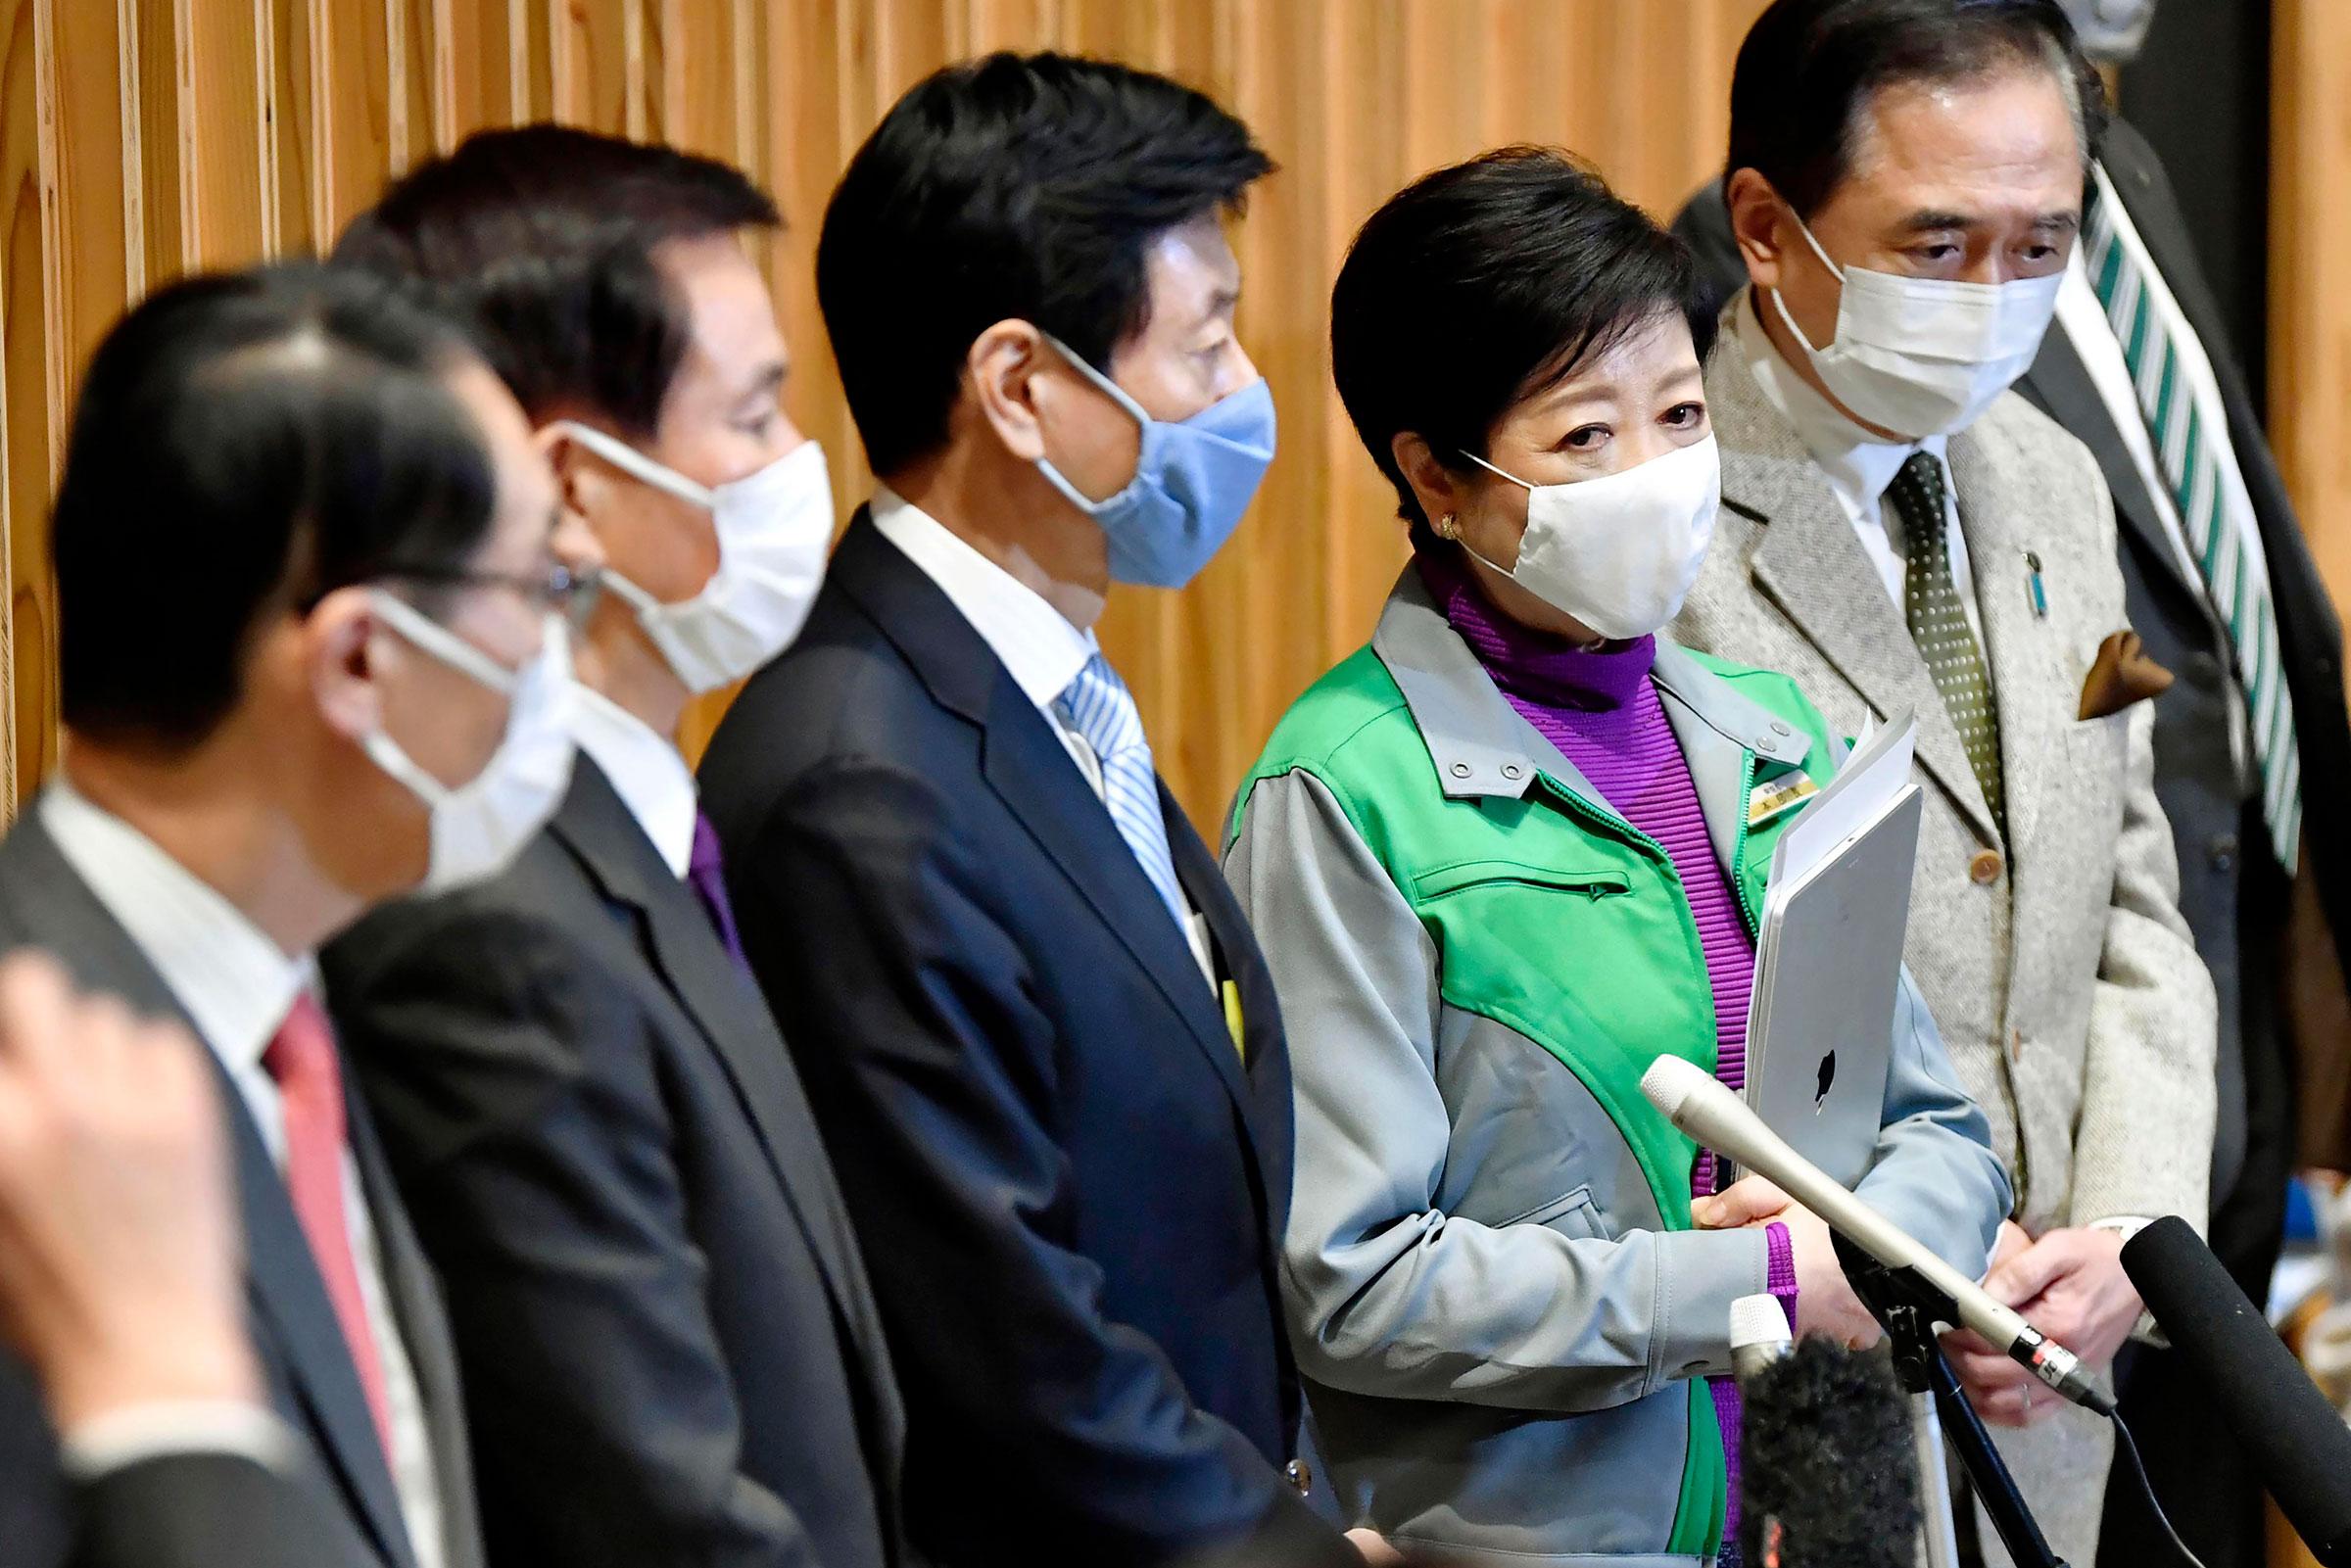 Saitama Gov. Motohiro Ono, Chiba Gov. Kensaku Morita, Japan's Economy Minister Yasutoshi Nishimura, Tokyo Gov. Yuriko Koike and Kanagawa Gov. Yuji Kuroiwa speak during a press conference on Saturday, January 2 in Tokyo.